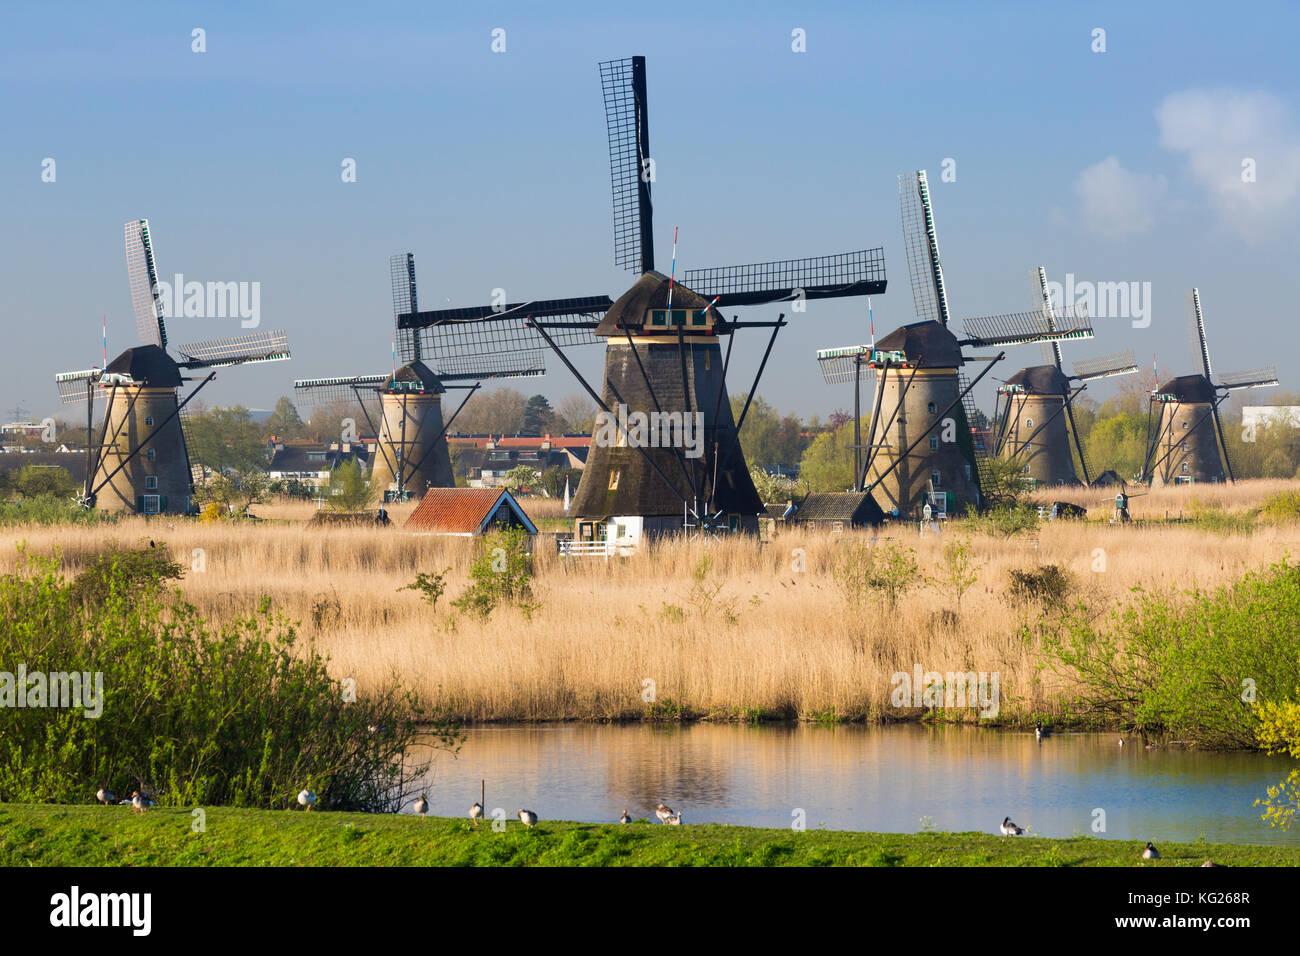 Windmühlen von Kinderdijk, Weltkulturerbe der UNESCO, Niederlande, Europa Stockbild